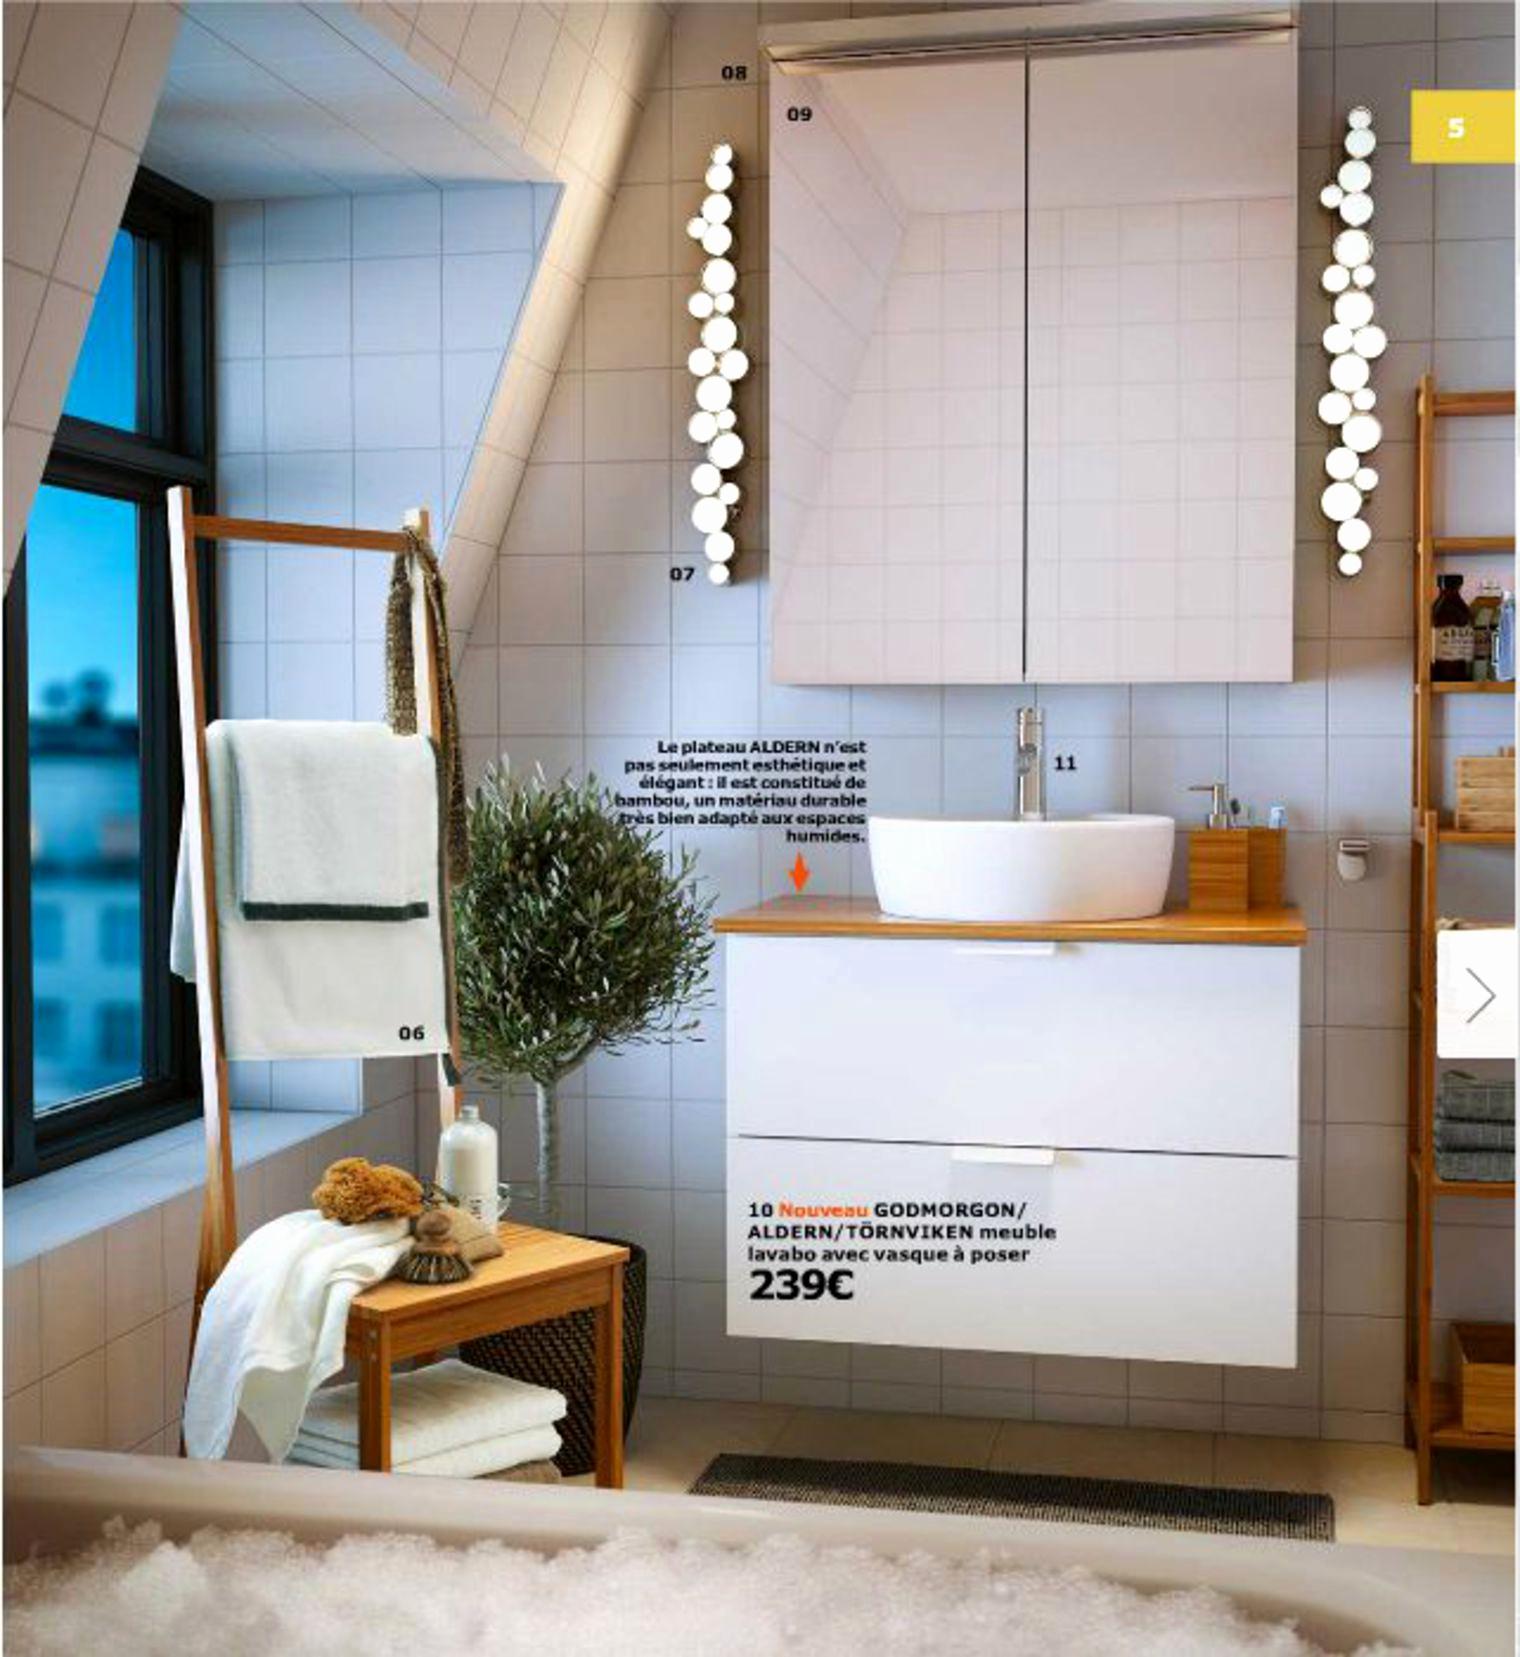 Credence Salle De Bain Ikea Unique Collection Revetement Mural Cuisine Ikea Unique Revetement Mural Salle De Bain